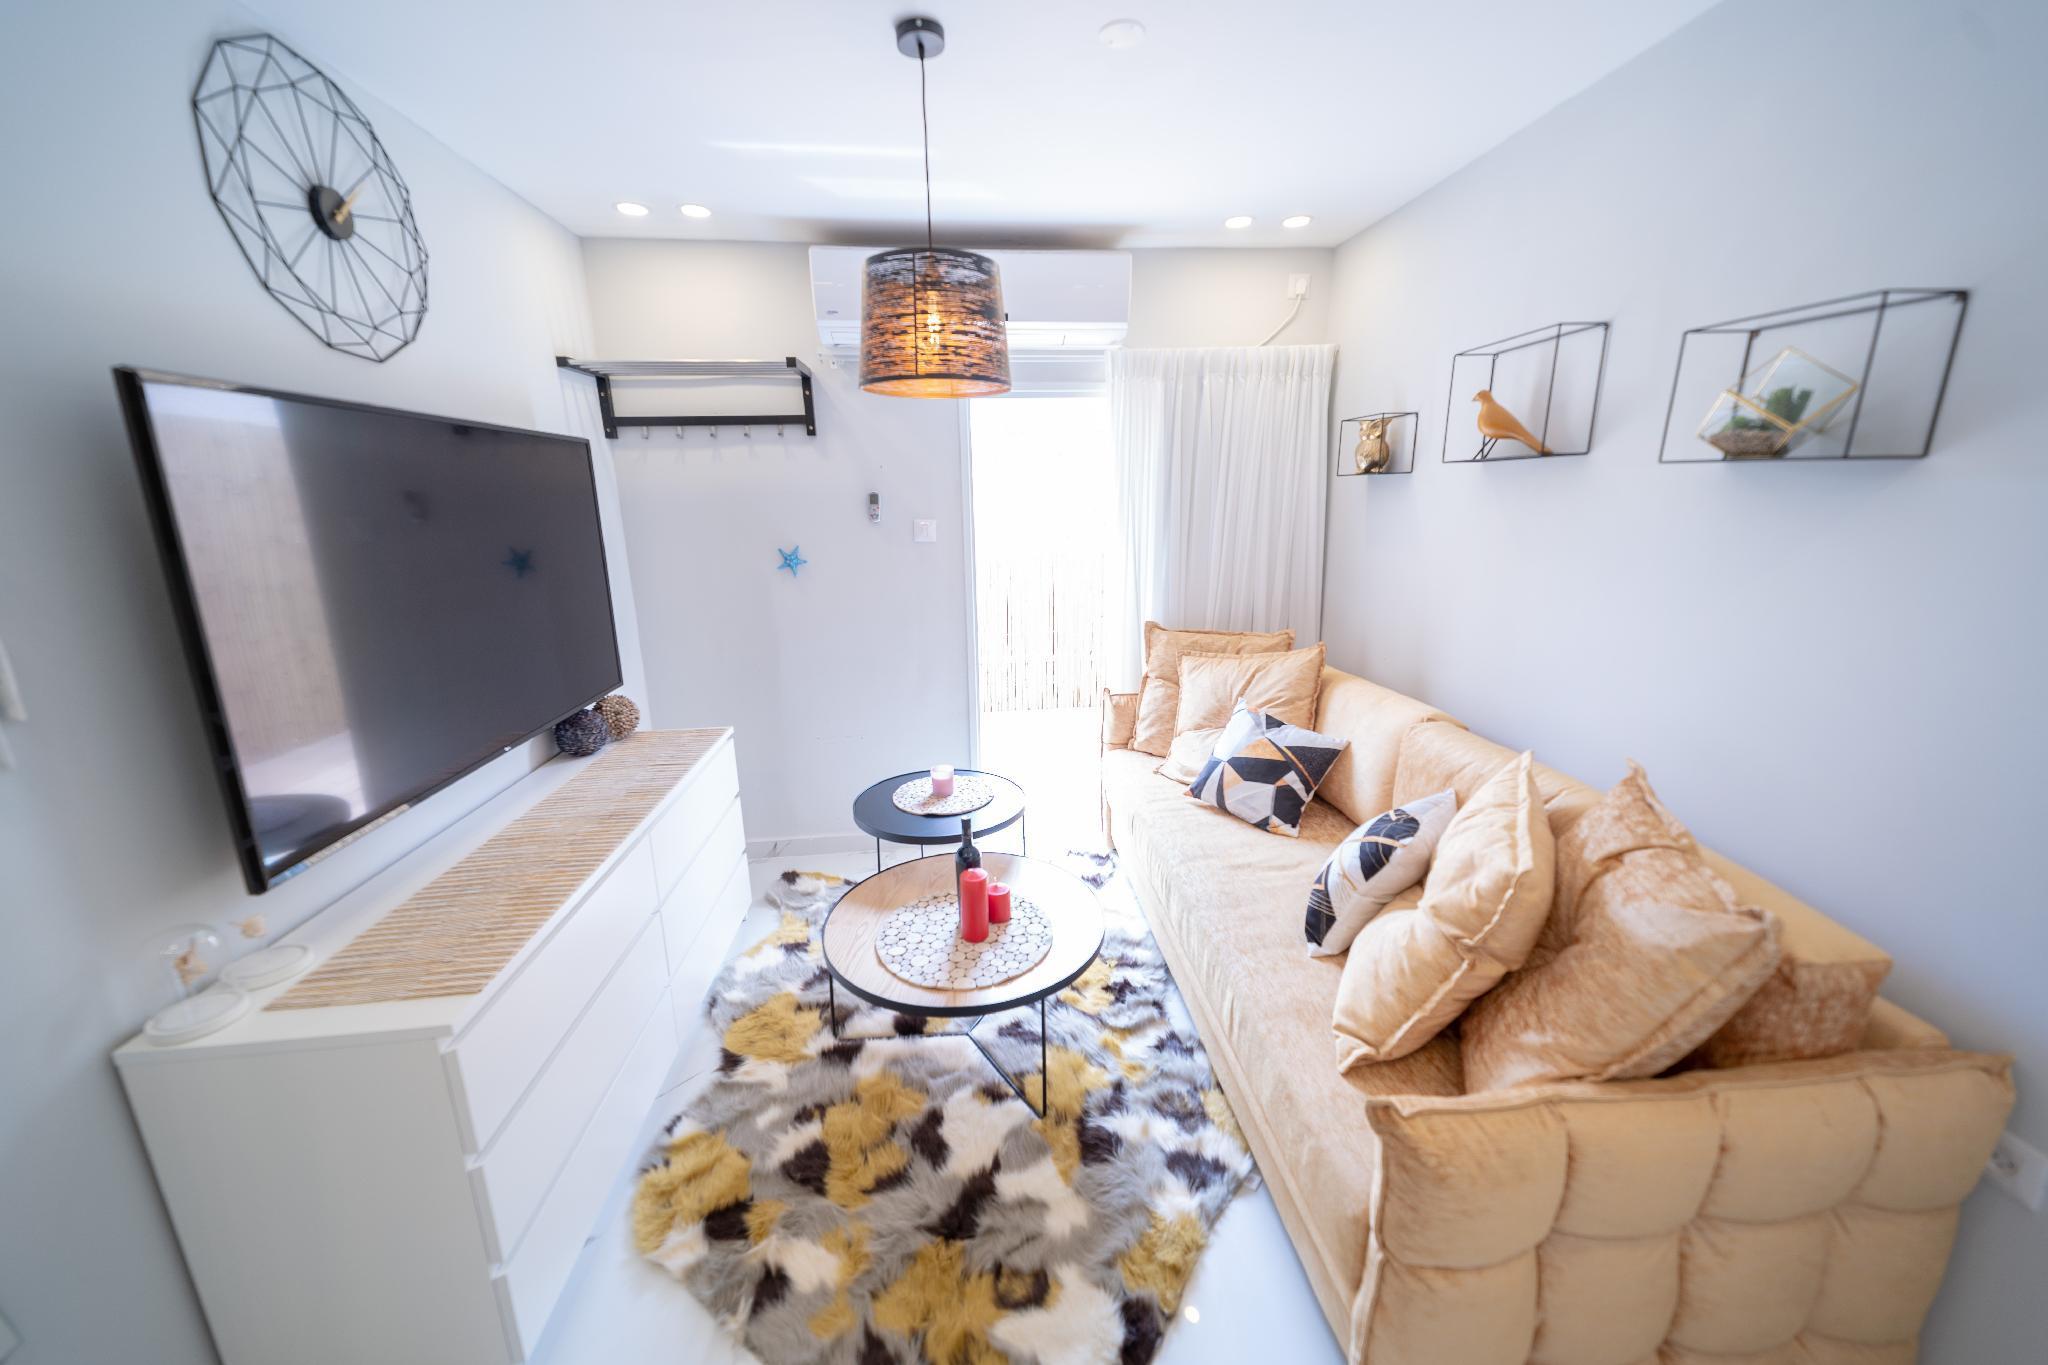 Lanai   Hawaii Luxury Suite 1 Bedroom And Garden